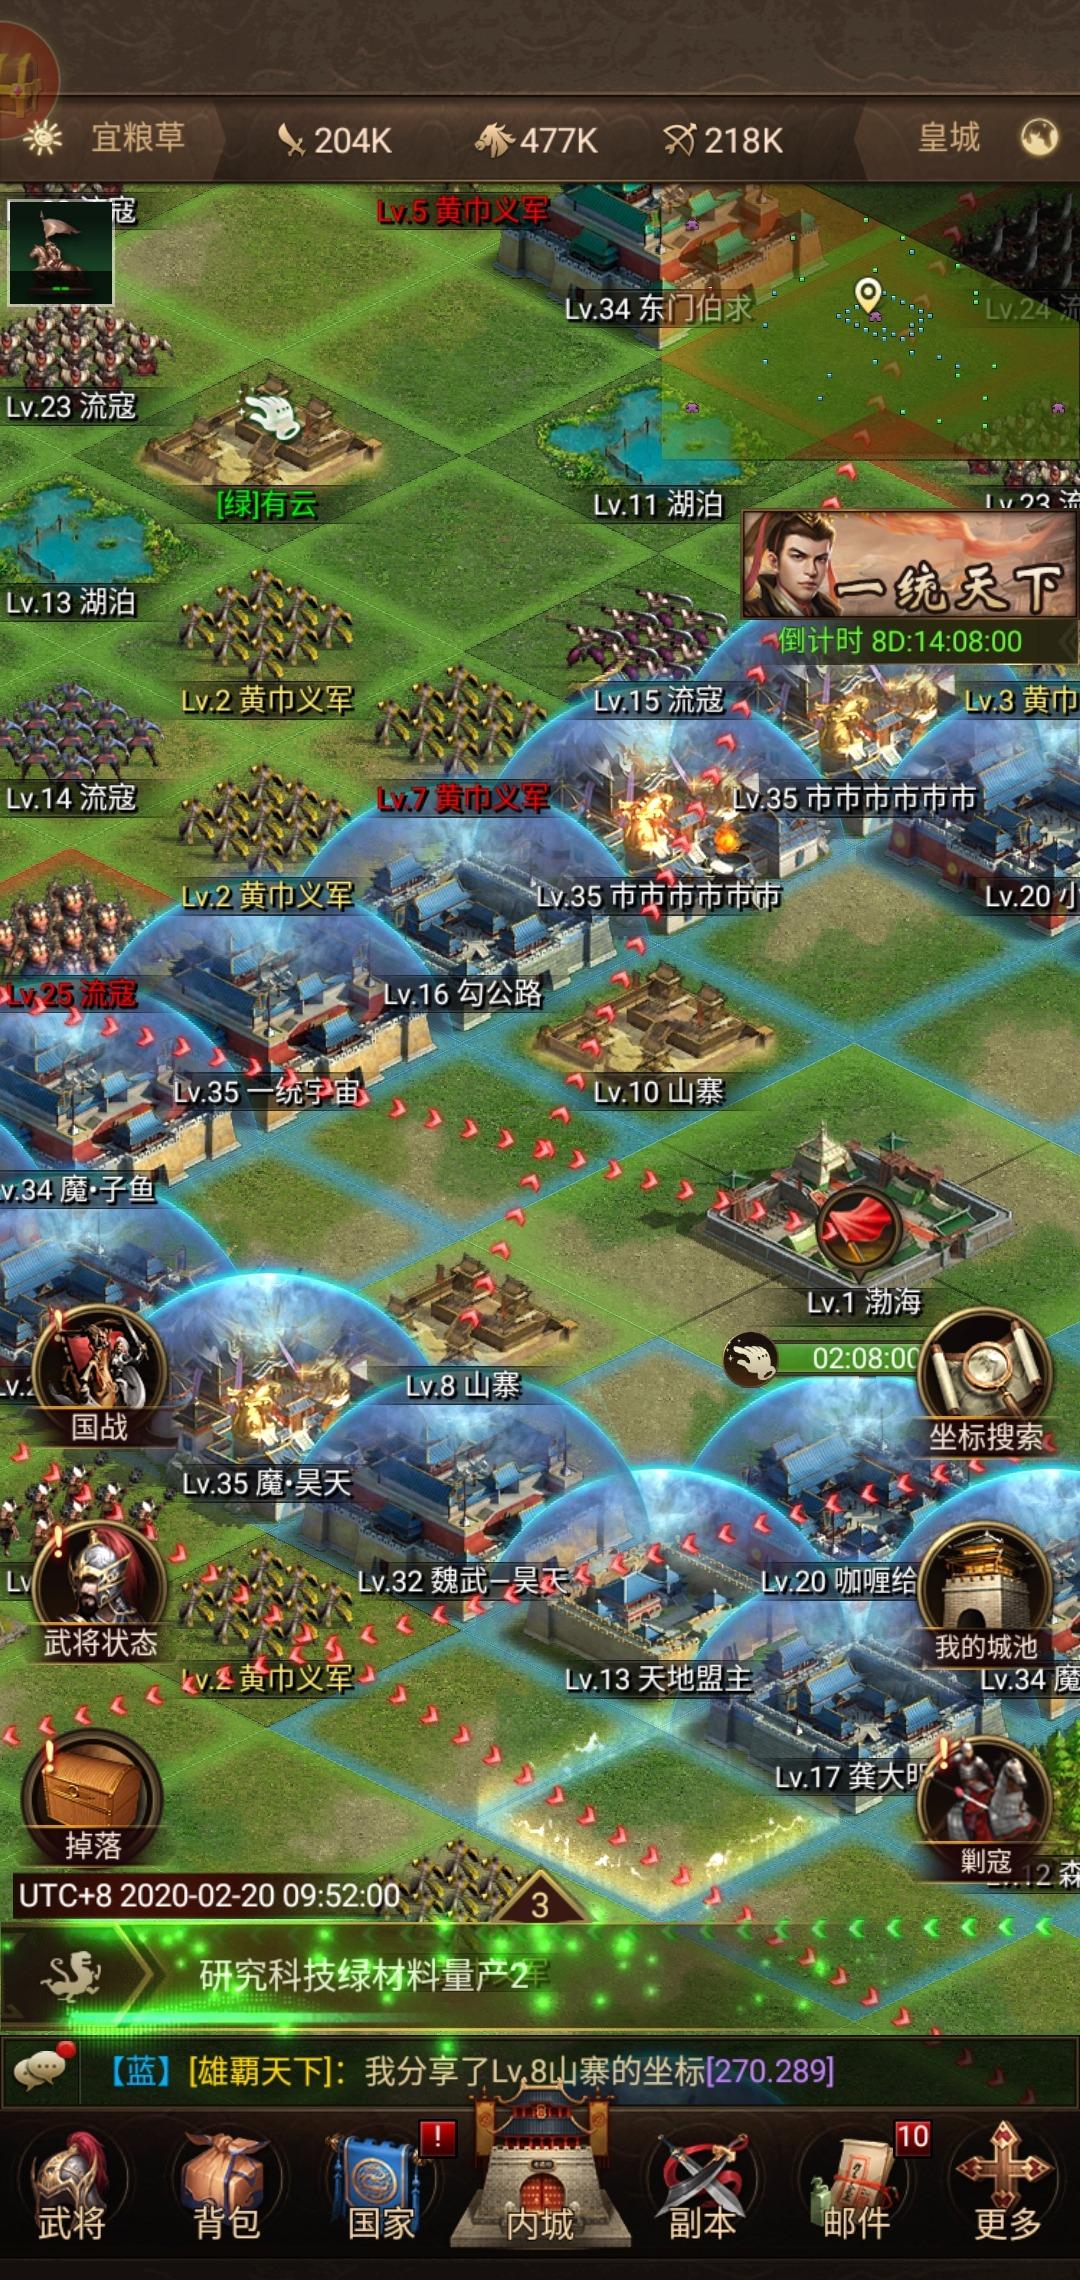 Screenshot_2020-02-20-09-52-01-339_com.jedigames.p16.mi.jpg